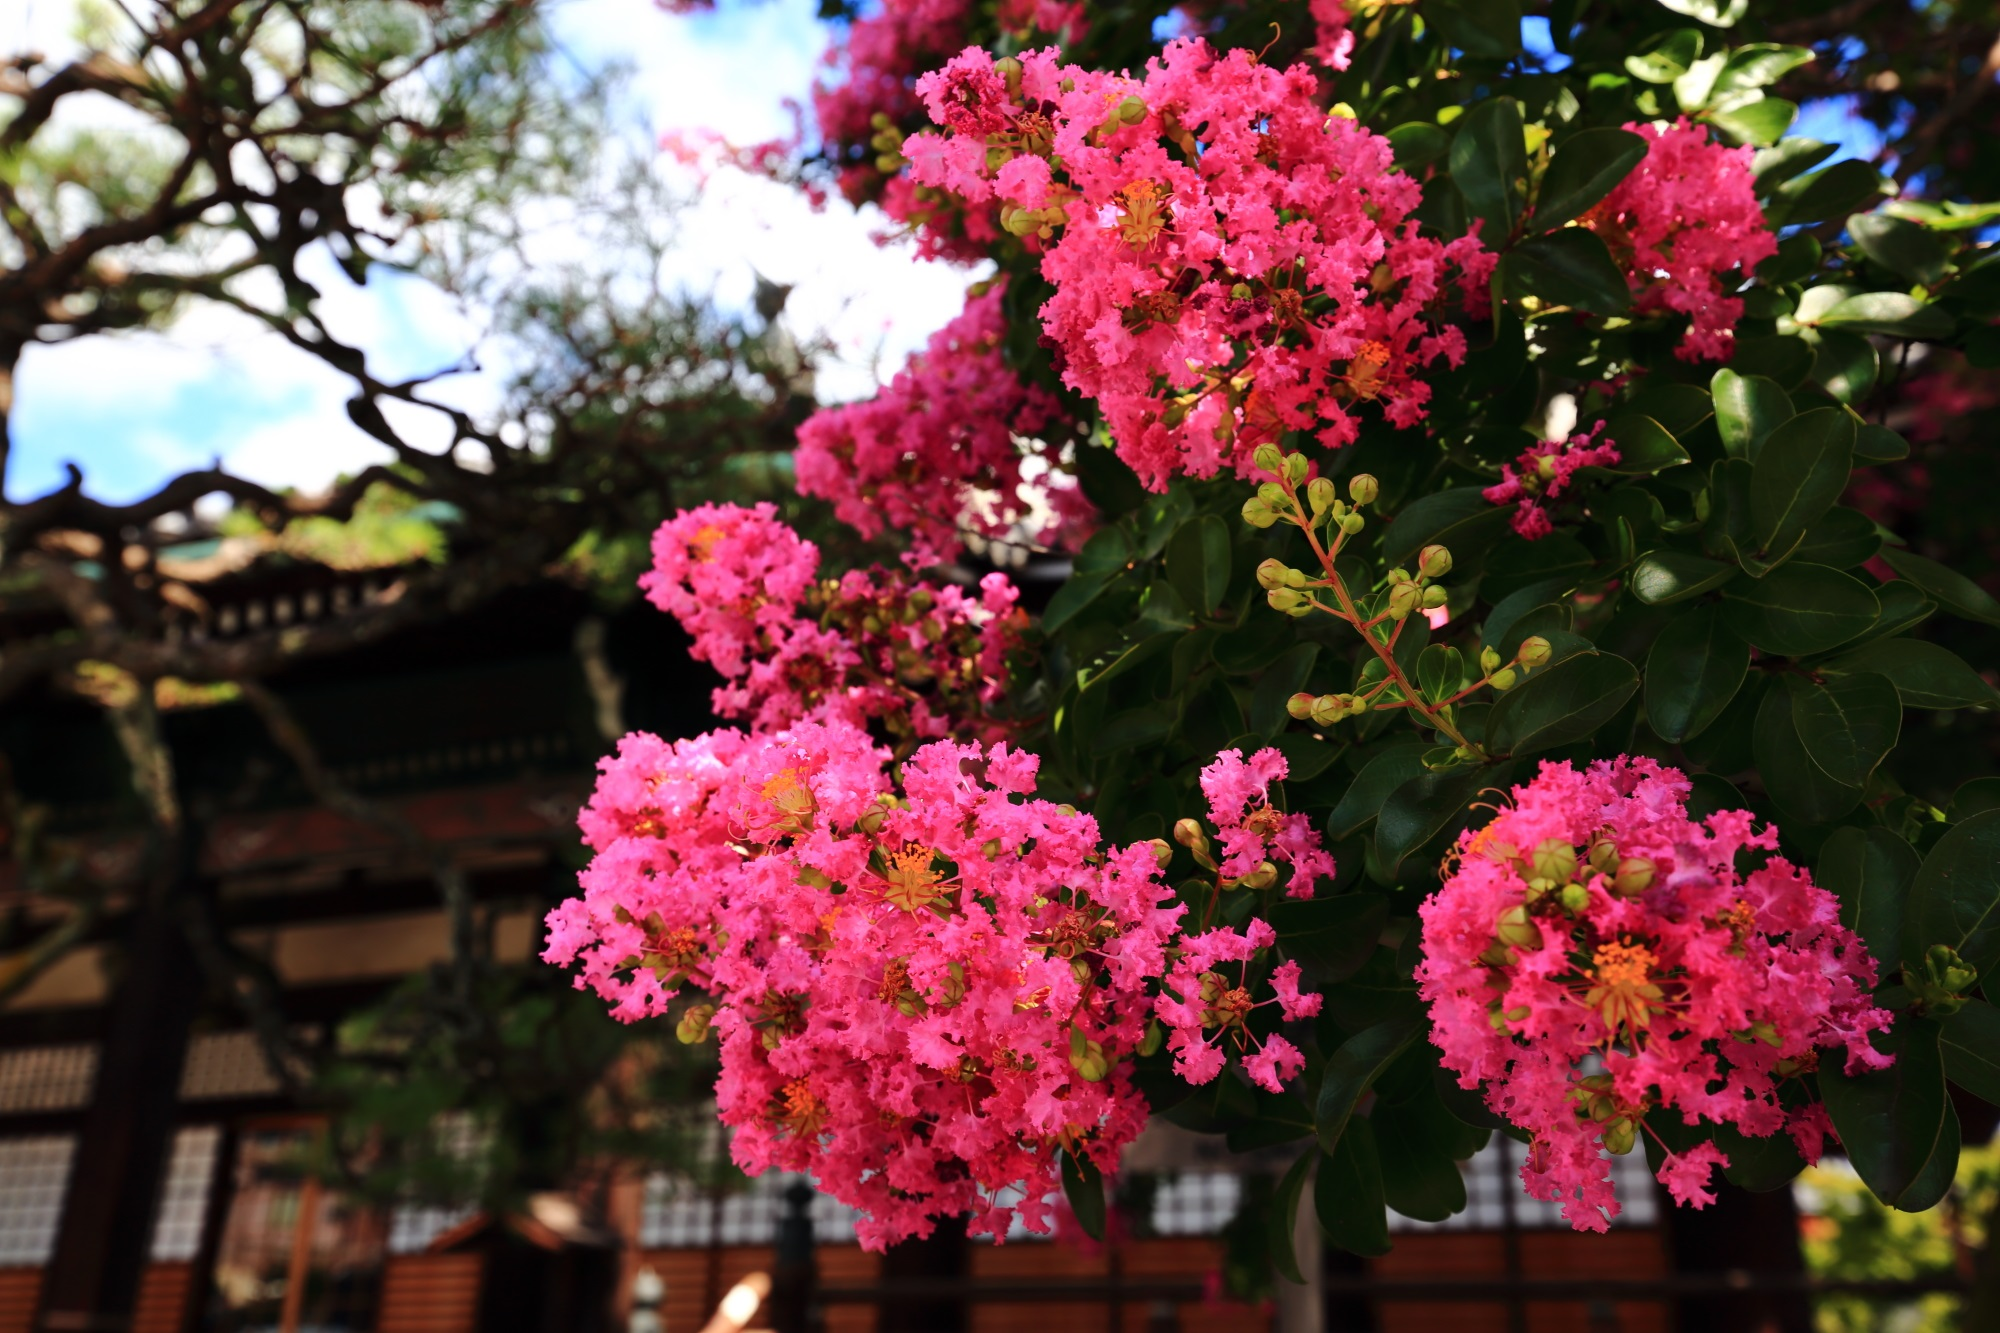 真夏を鮮烈に彩るピンクの花